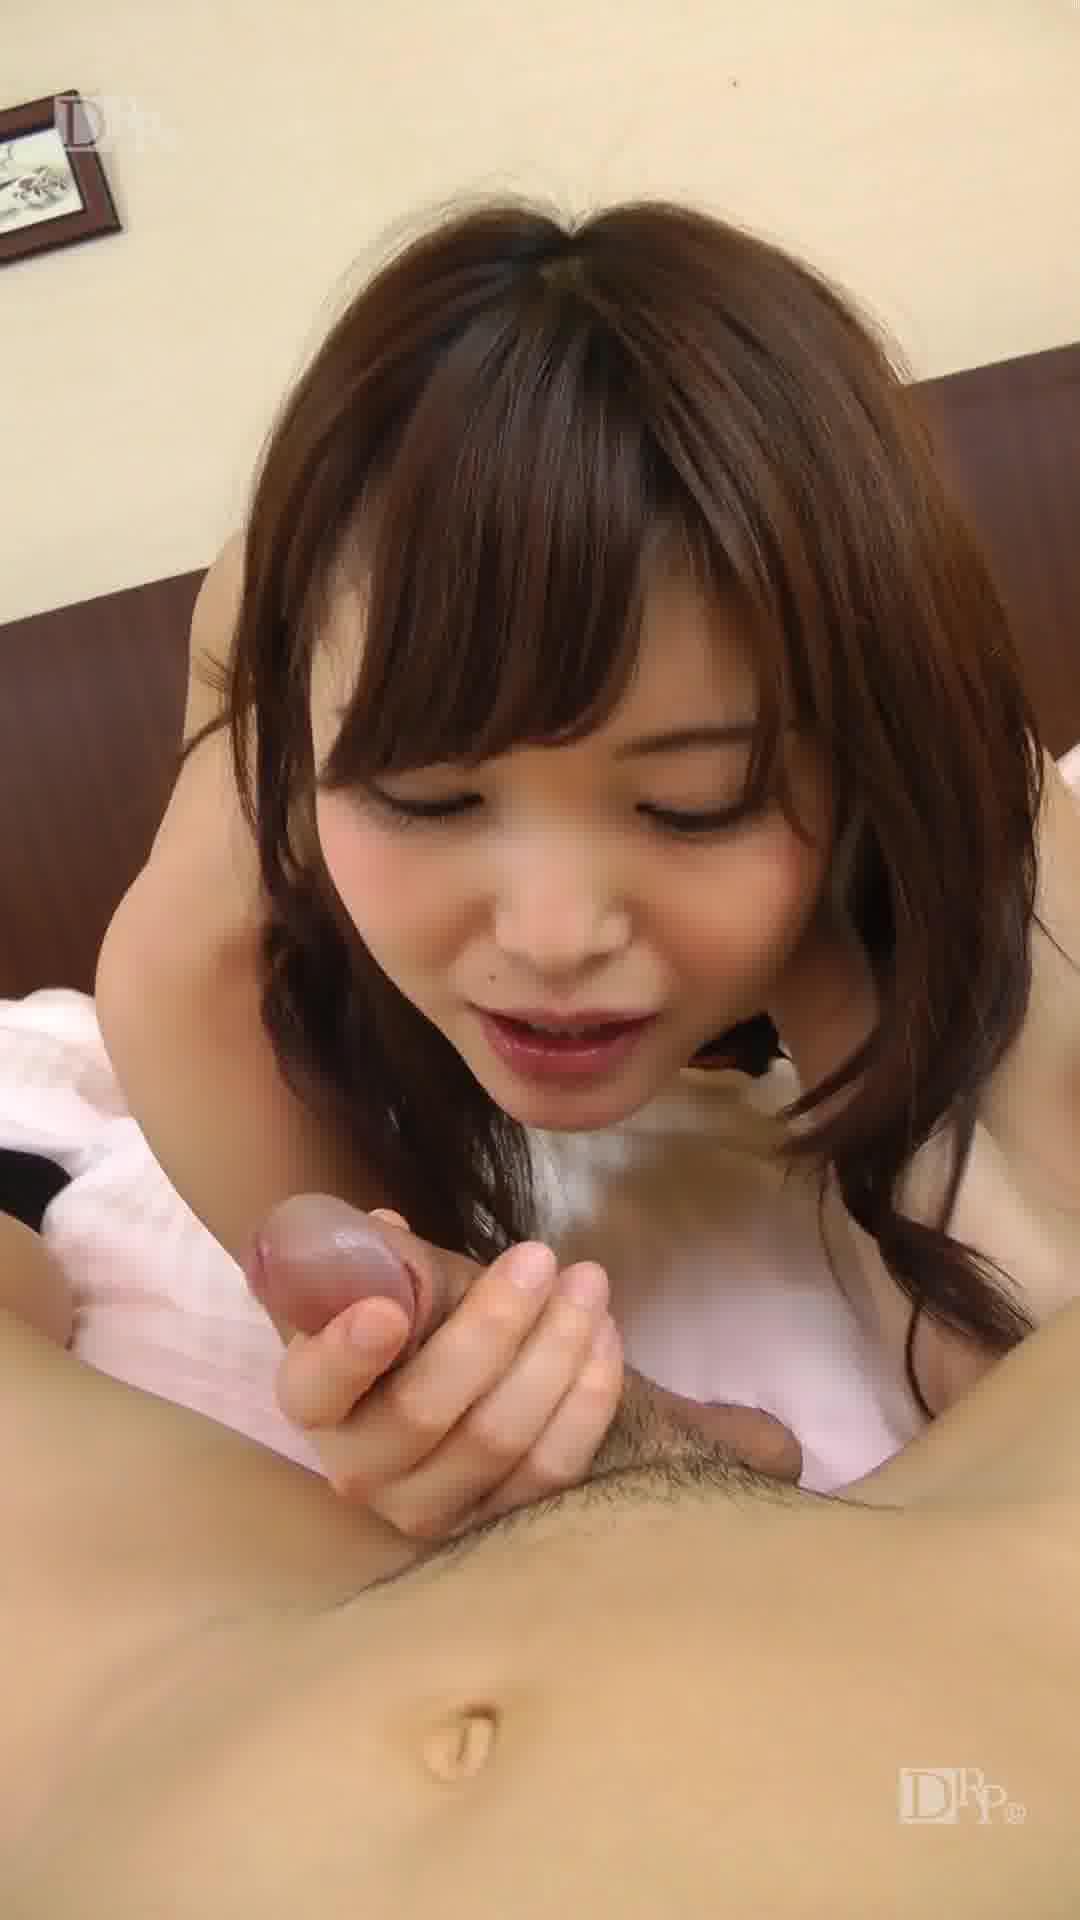 縦型動画 024 ~彼女にエッロいランジェリーを着せよう~ - 碧しの【スレンダー・痴女・口内発射】